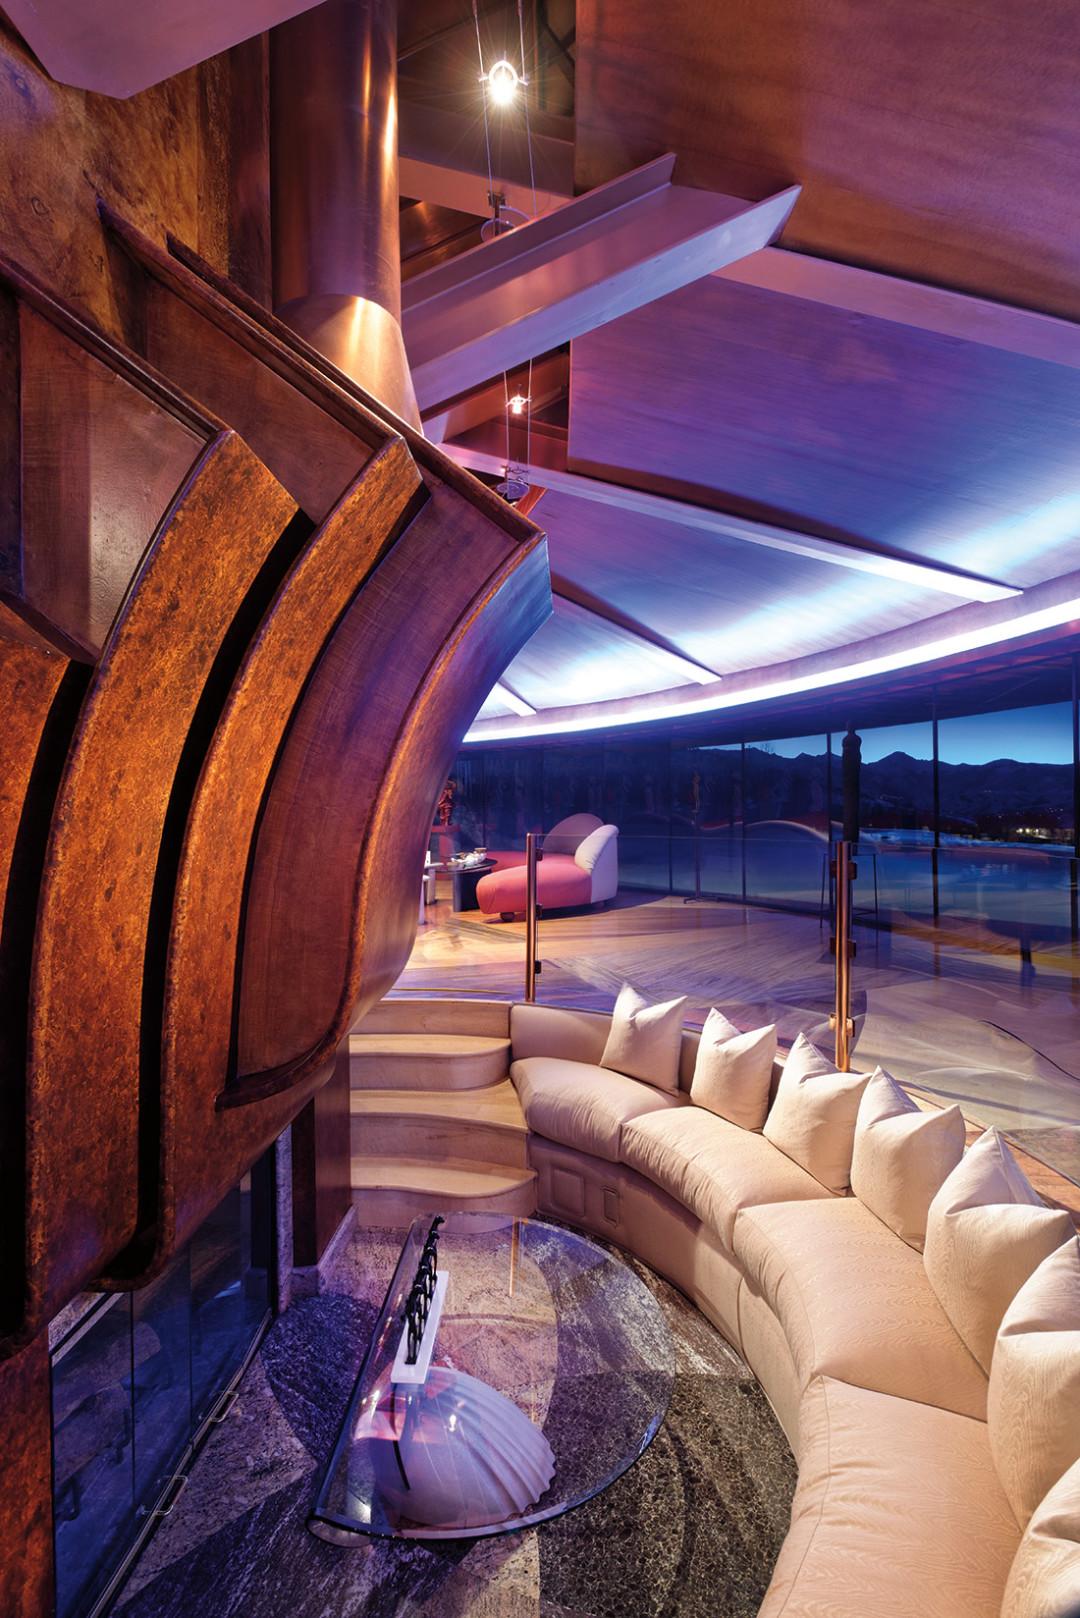 0214 barbis dream house sofa yukj2w